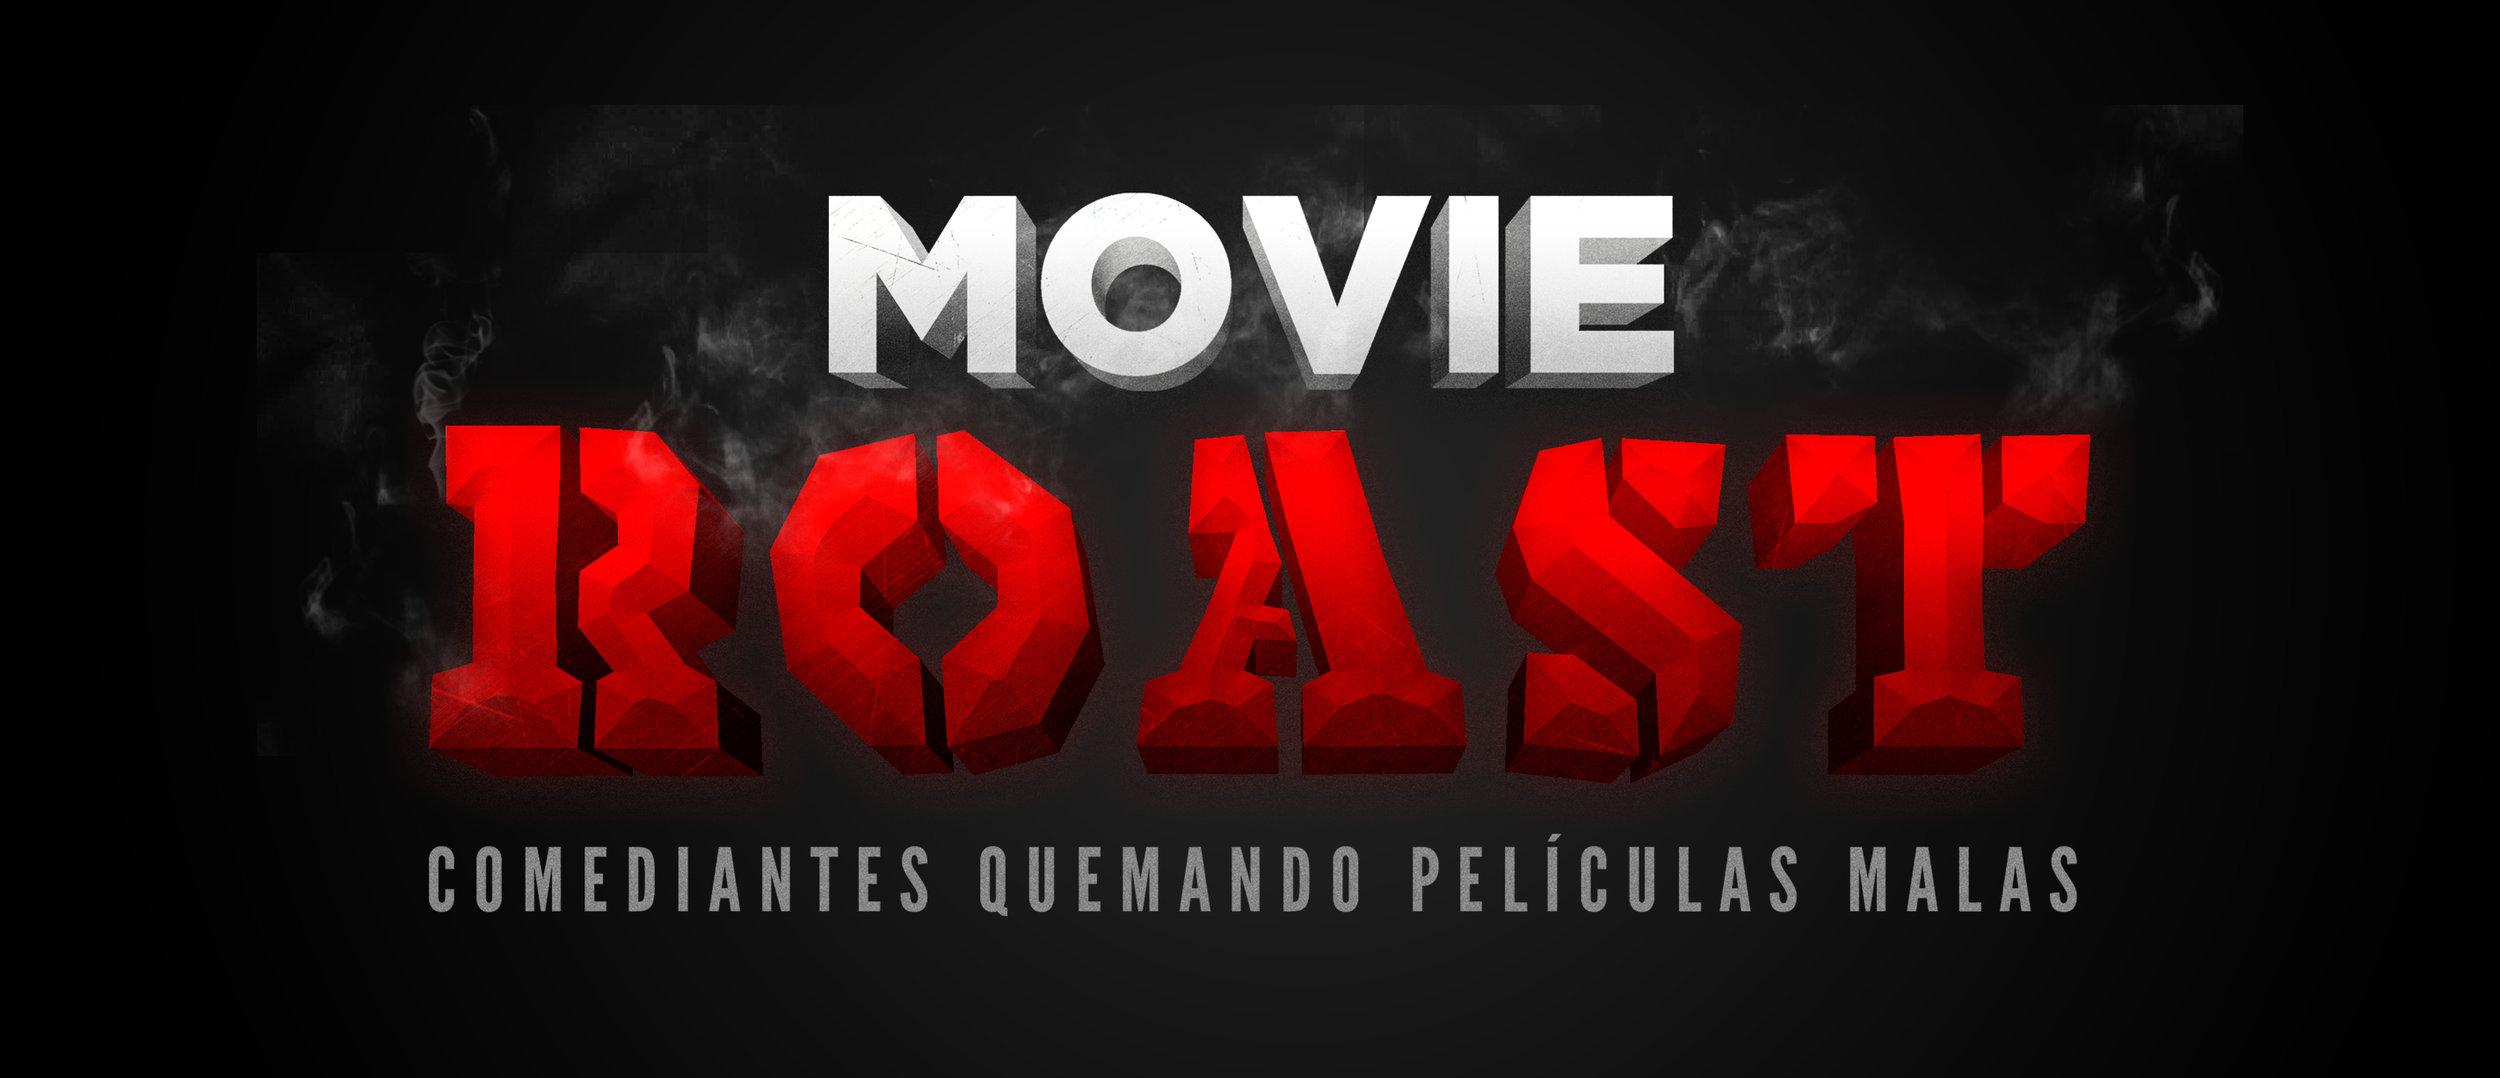 Movie Roast-AD.jpg